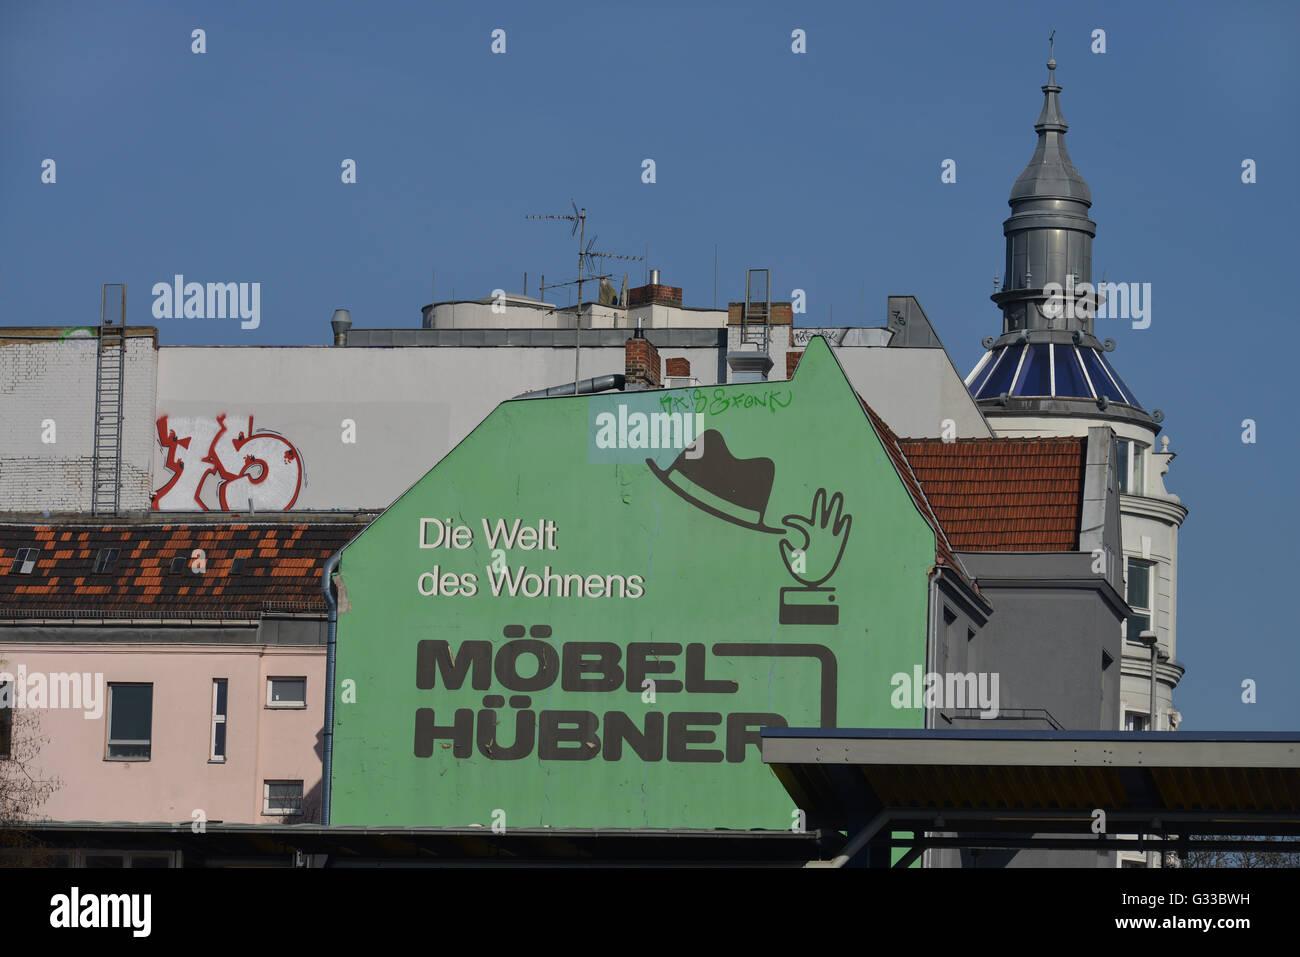 Attractive Möbelhäuser In Berlin Gallery Of Werbung, Moebel, Huebner, Bundesallee, Friedenau, Berlin, Deutschland